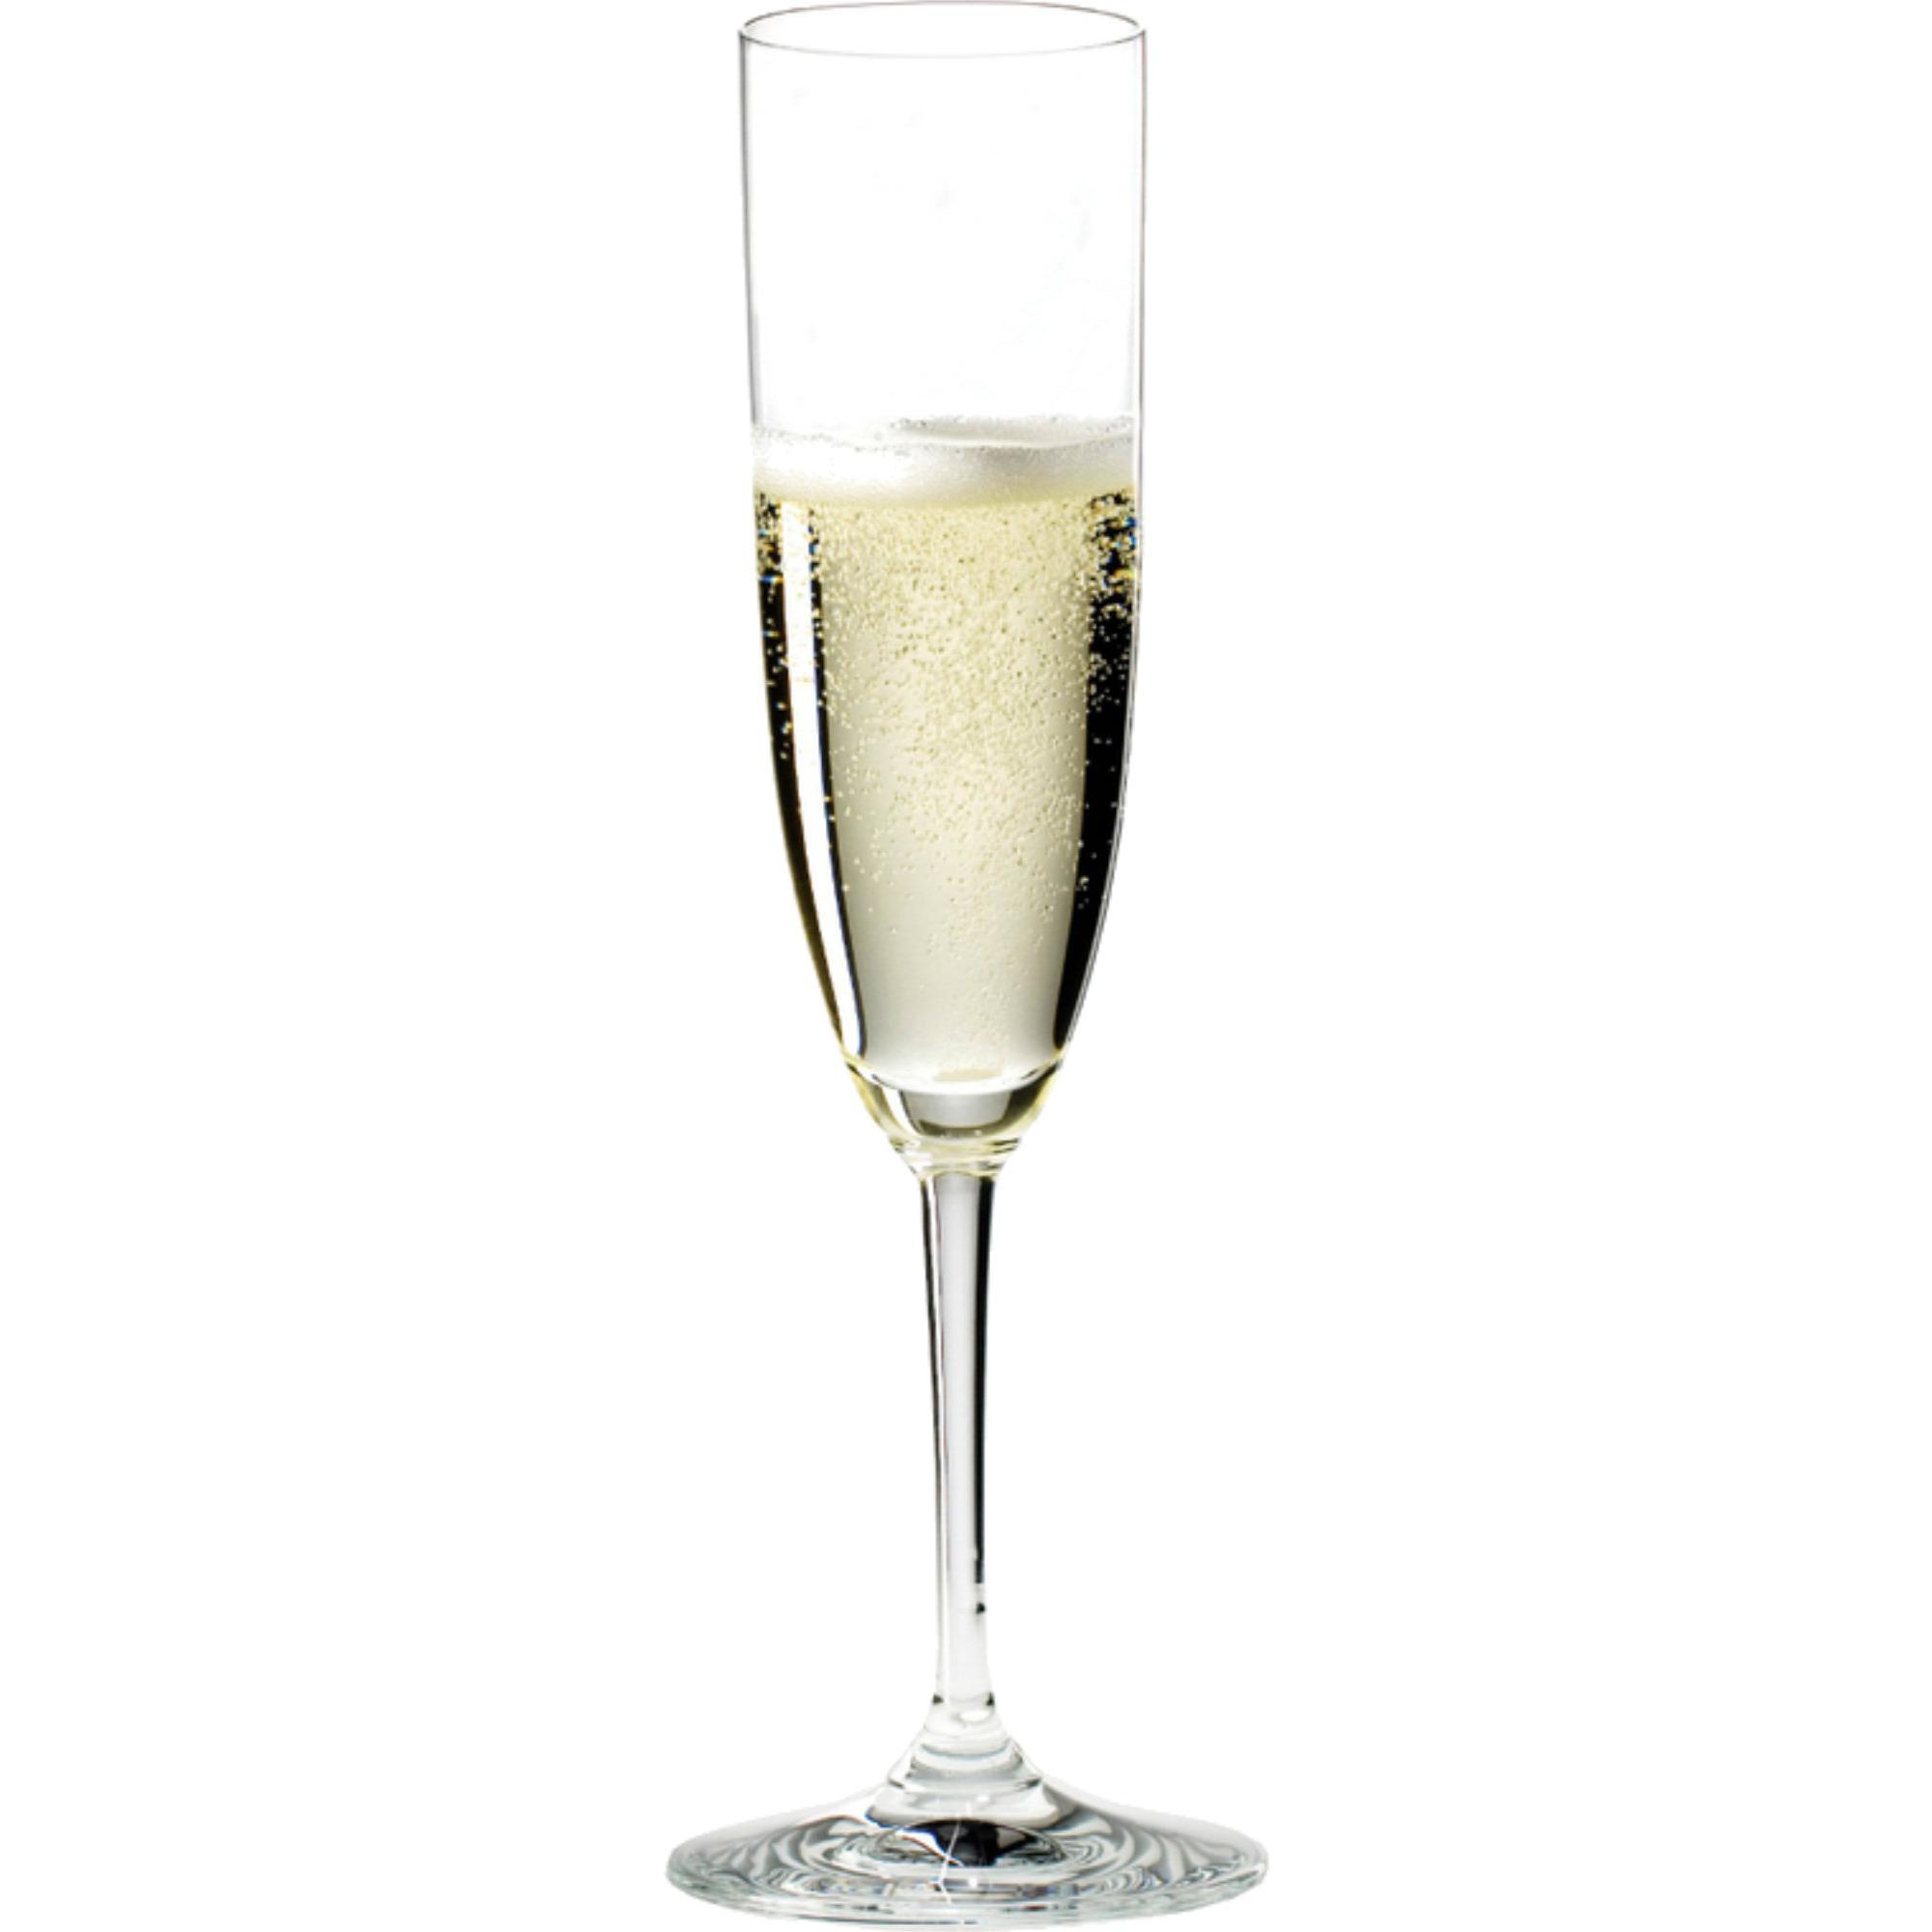 Riedel Vinum Champagneglas 16 cl 2-pack